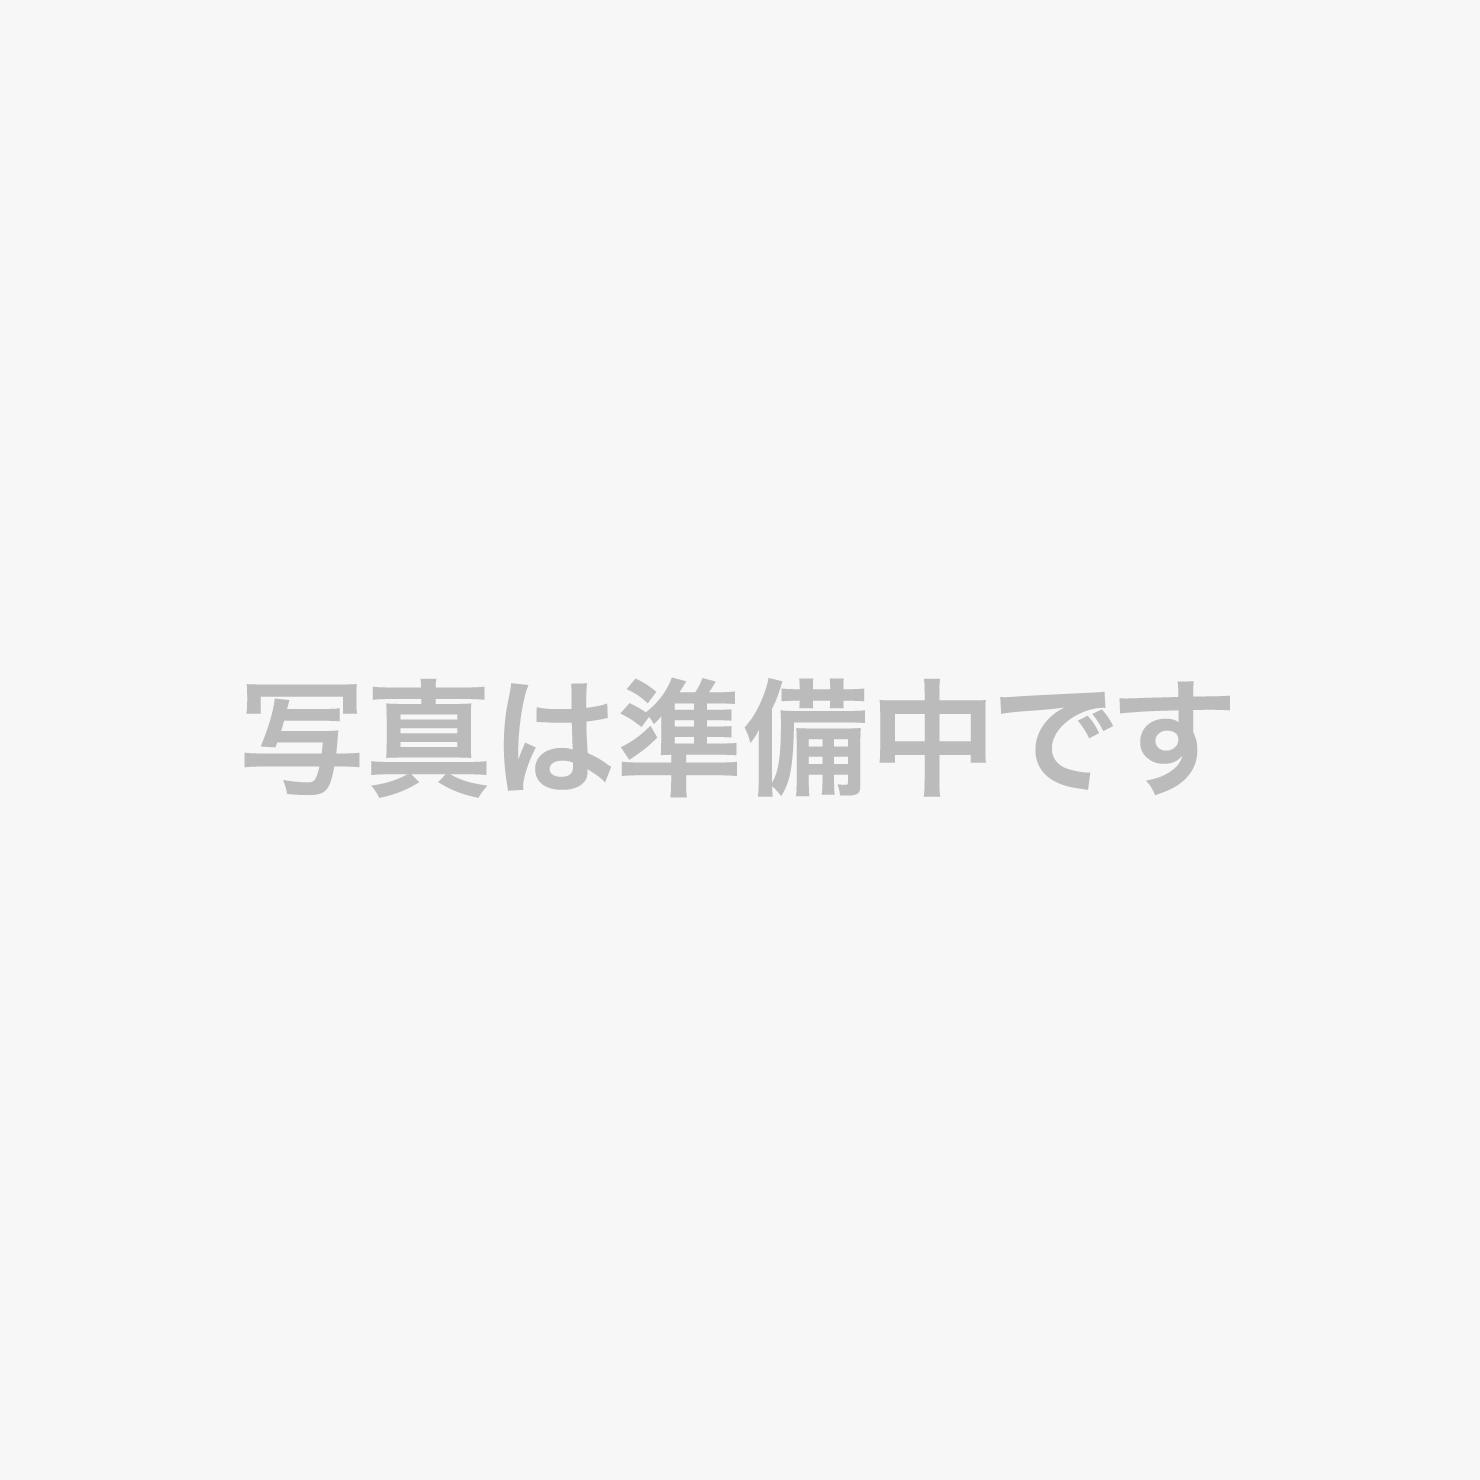 インターナショナル料理「トレーダーヴィックス 東京」アイランドリゾートの雰囲気があふれるダイニングで、名物の薪窯料理を11:30-14:30/17:30-21:30 ガーデンタワー4階